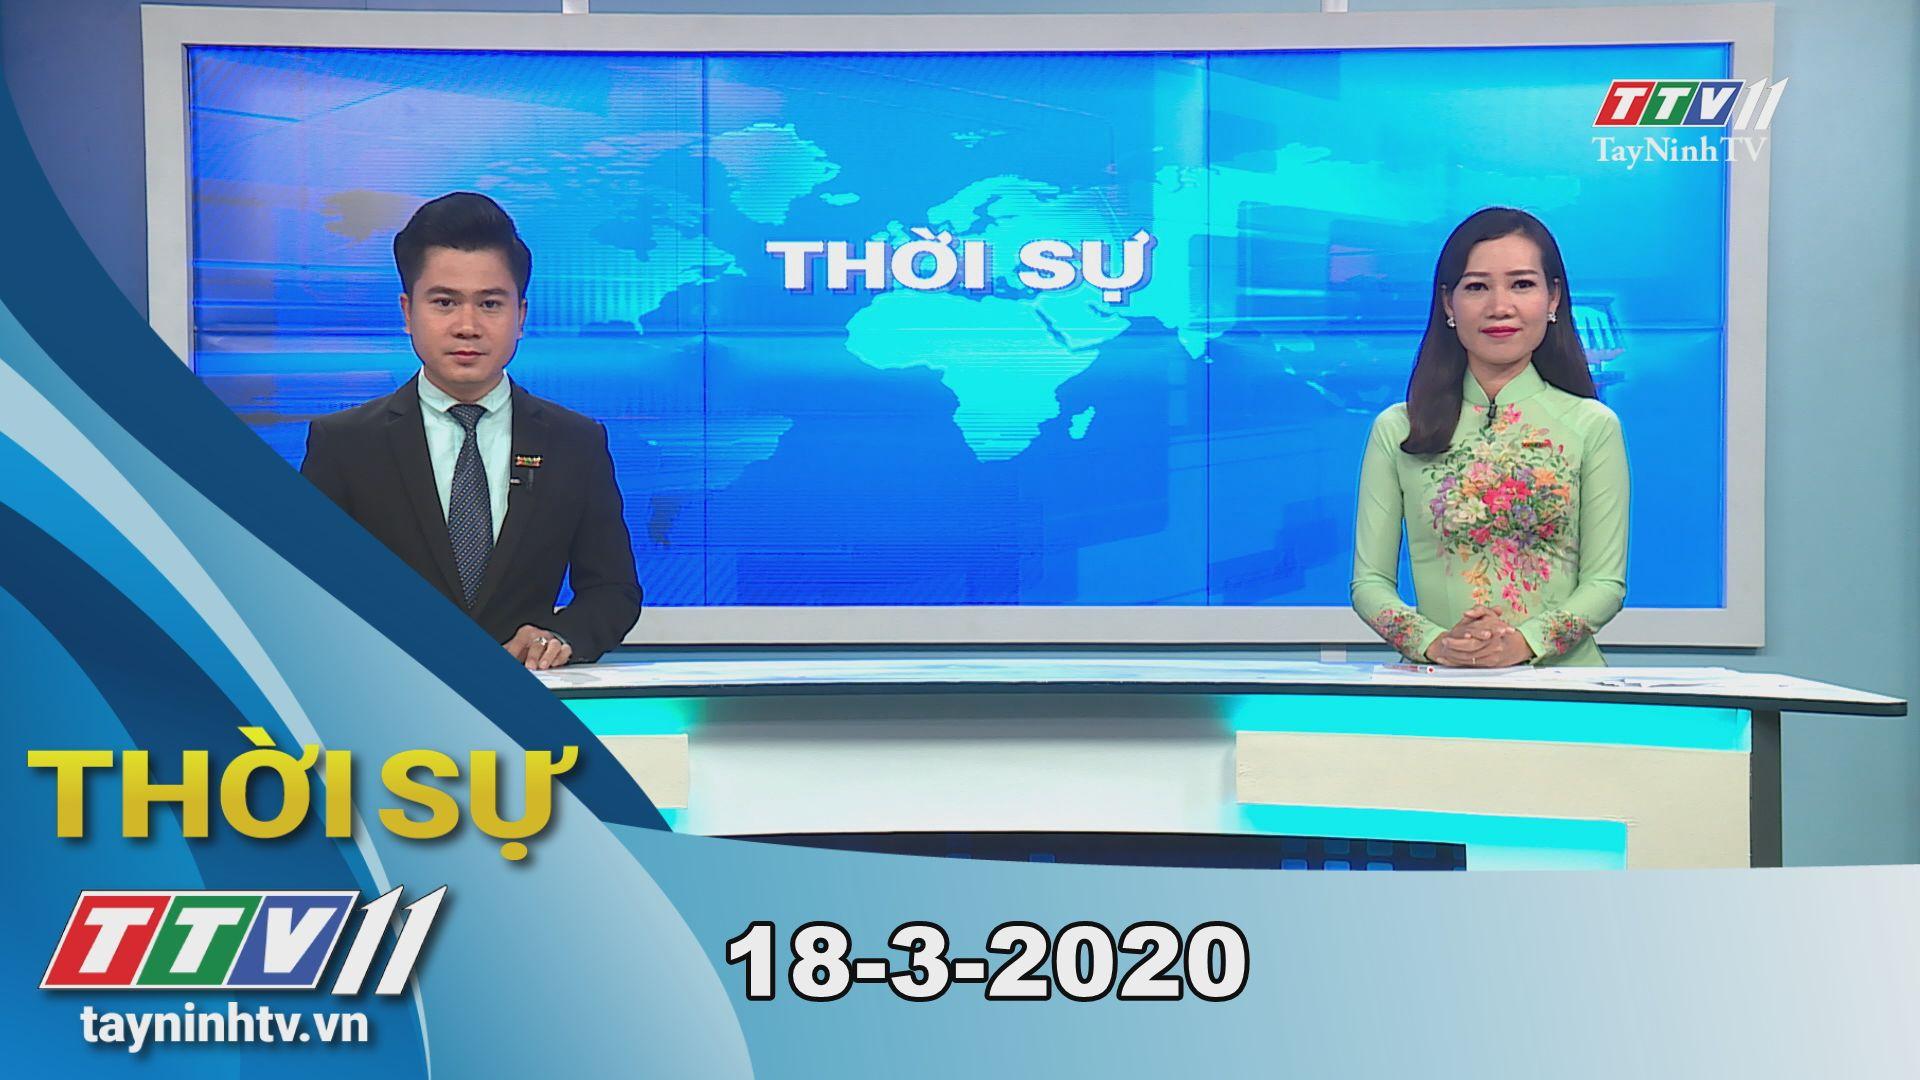 Thời sự Tây Ninh 18-3-2020 | Tin tức hôm nay | TayNinhTV